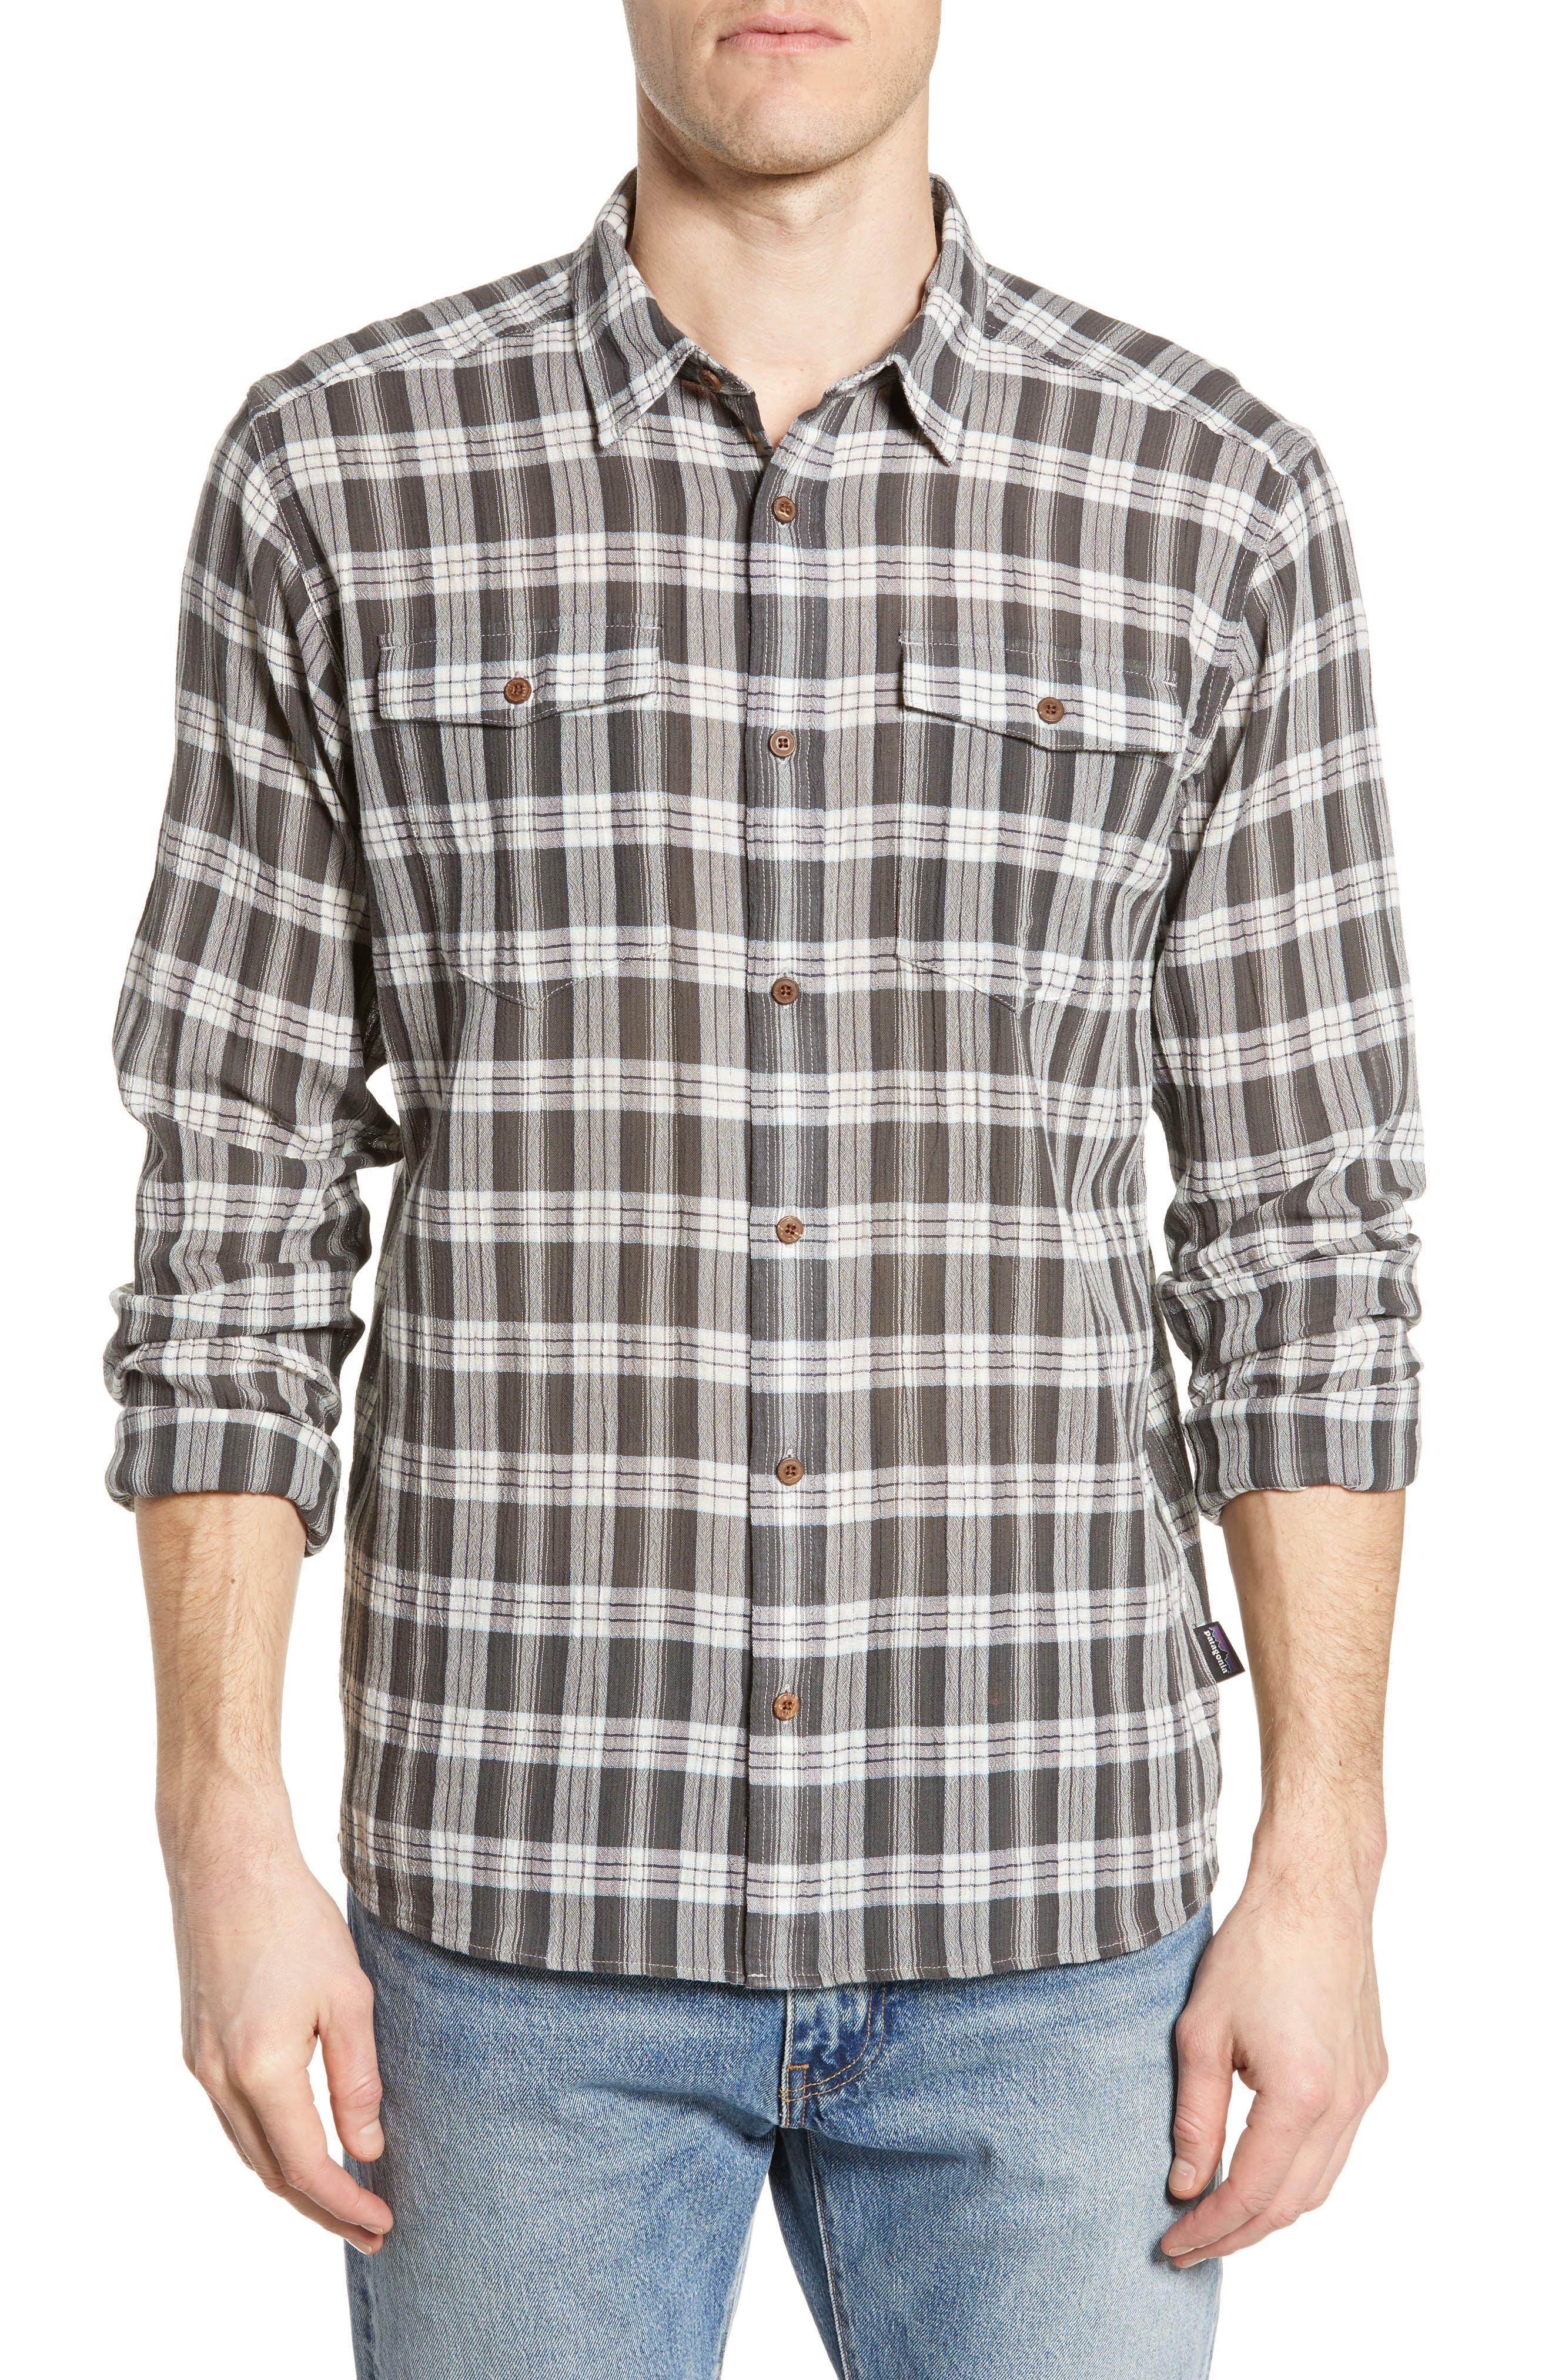 Patagonia Steersman Regular Fit Organic Cotton Sport Shirt, Grey